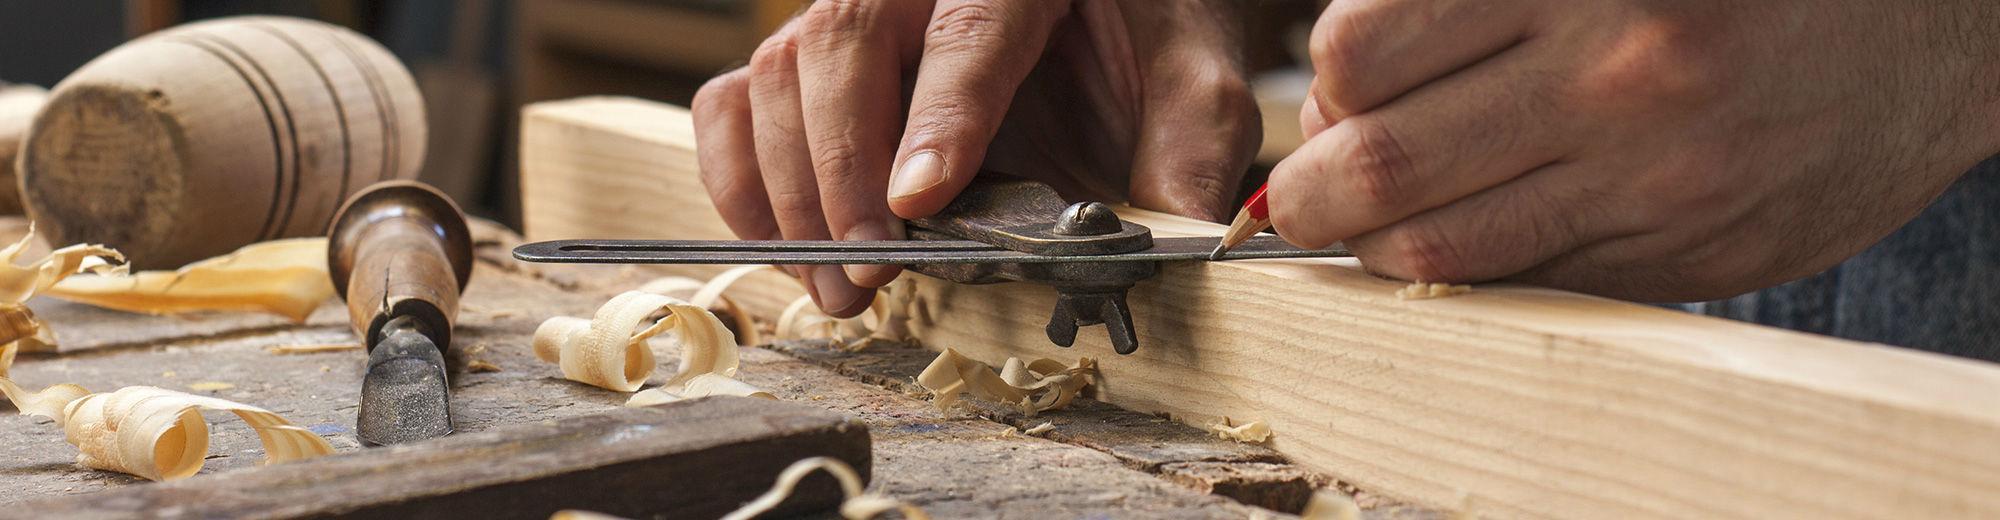 Trouver Un Artisan Menuisier menuiserie chalon-sur-saône, blanchard & covre, fenêtre